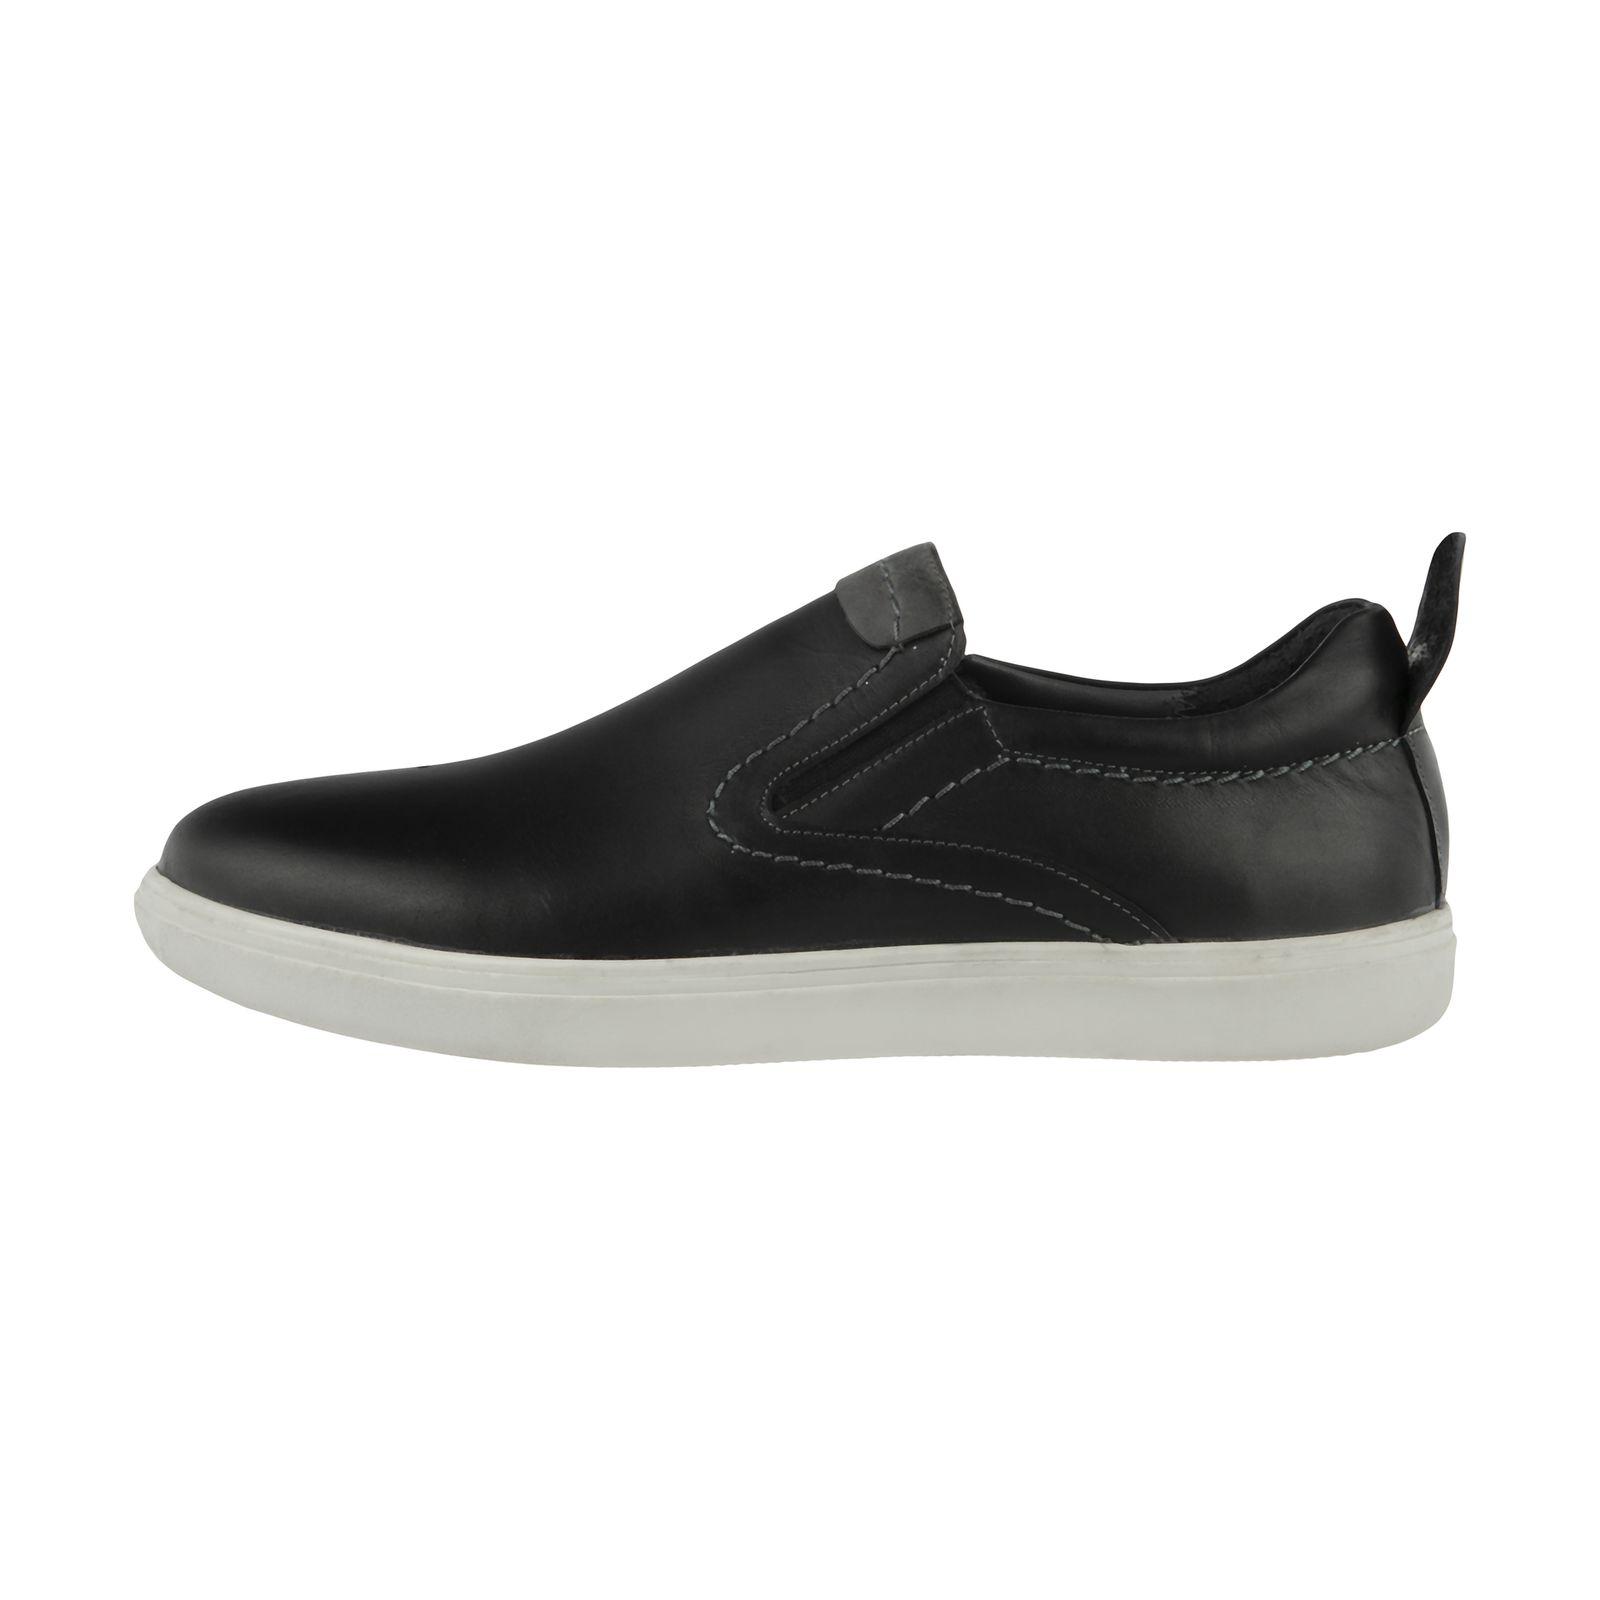 کفش روزمره مردانه سوته مدل 5038A503101 -  - 2